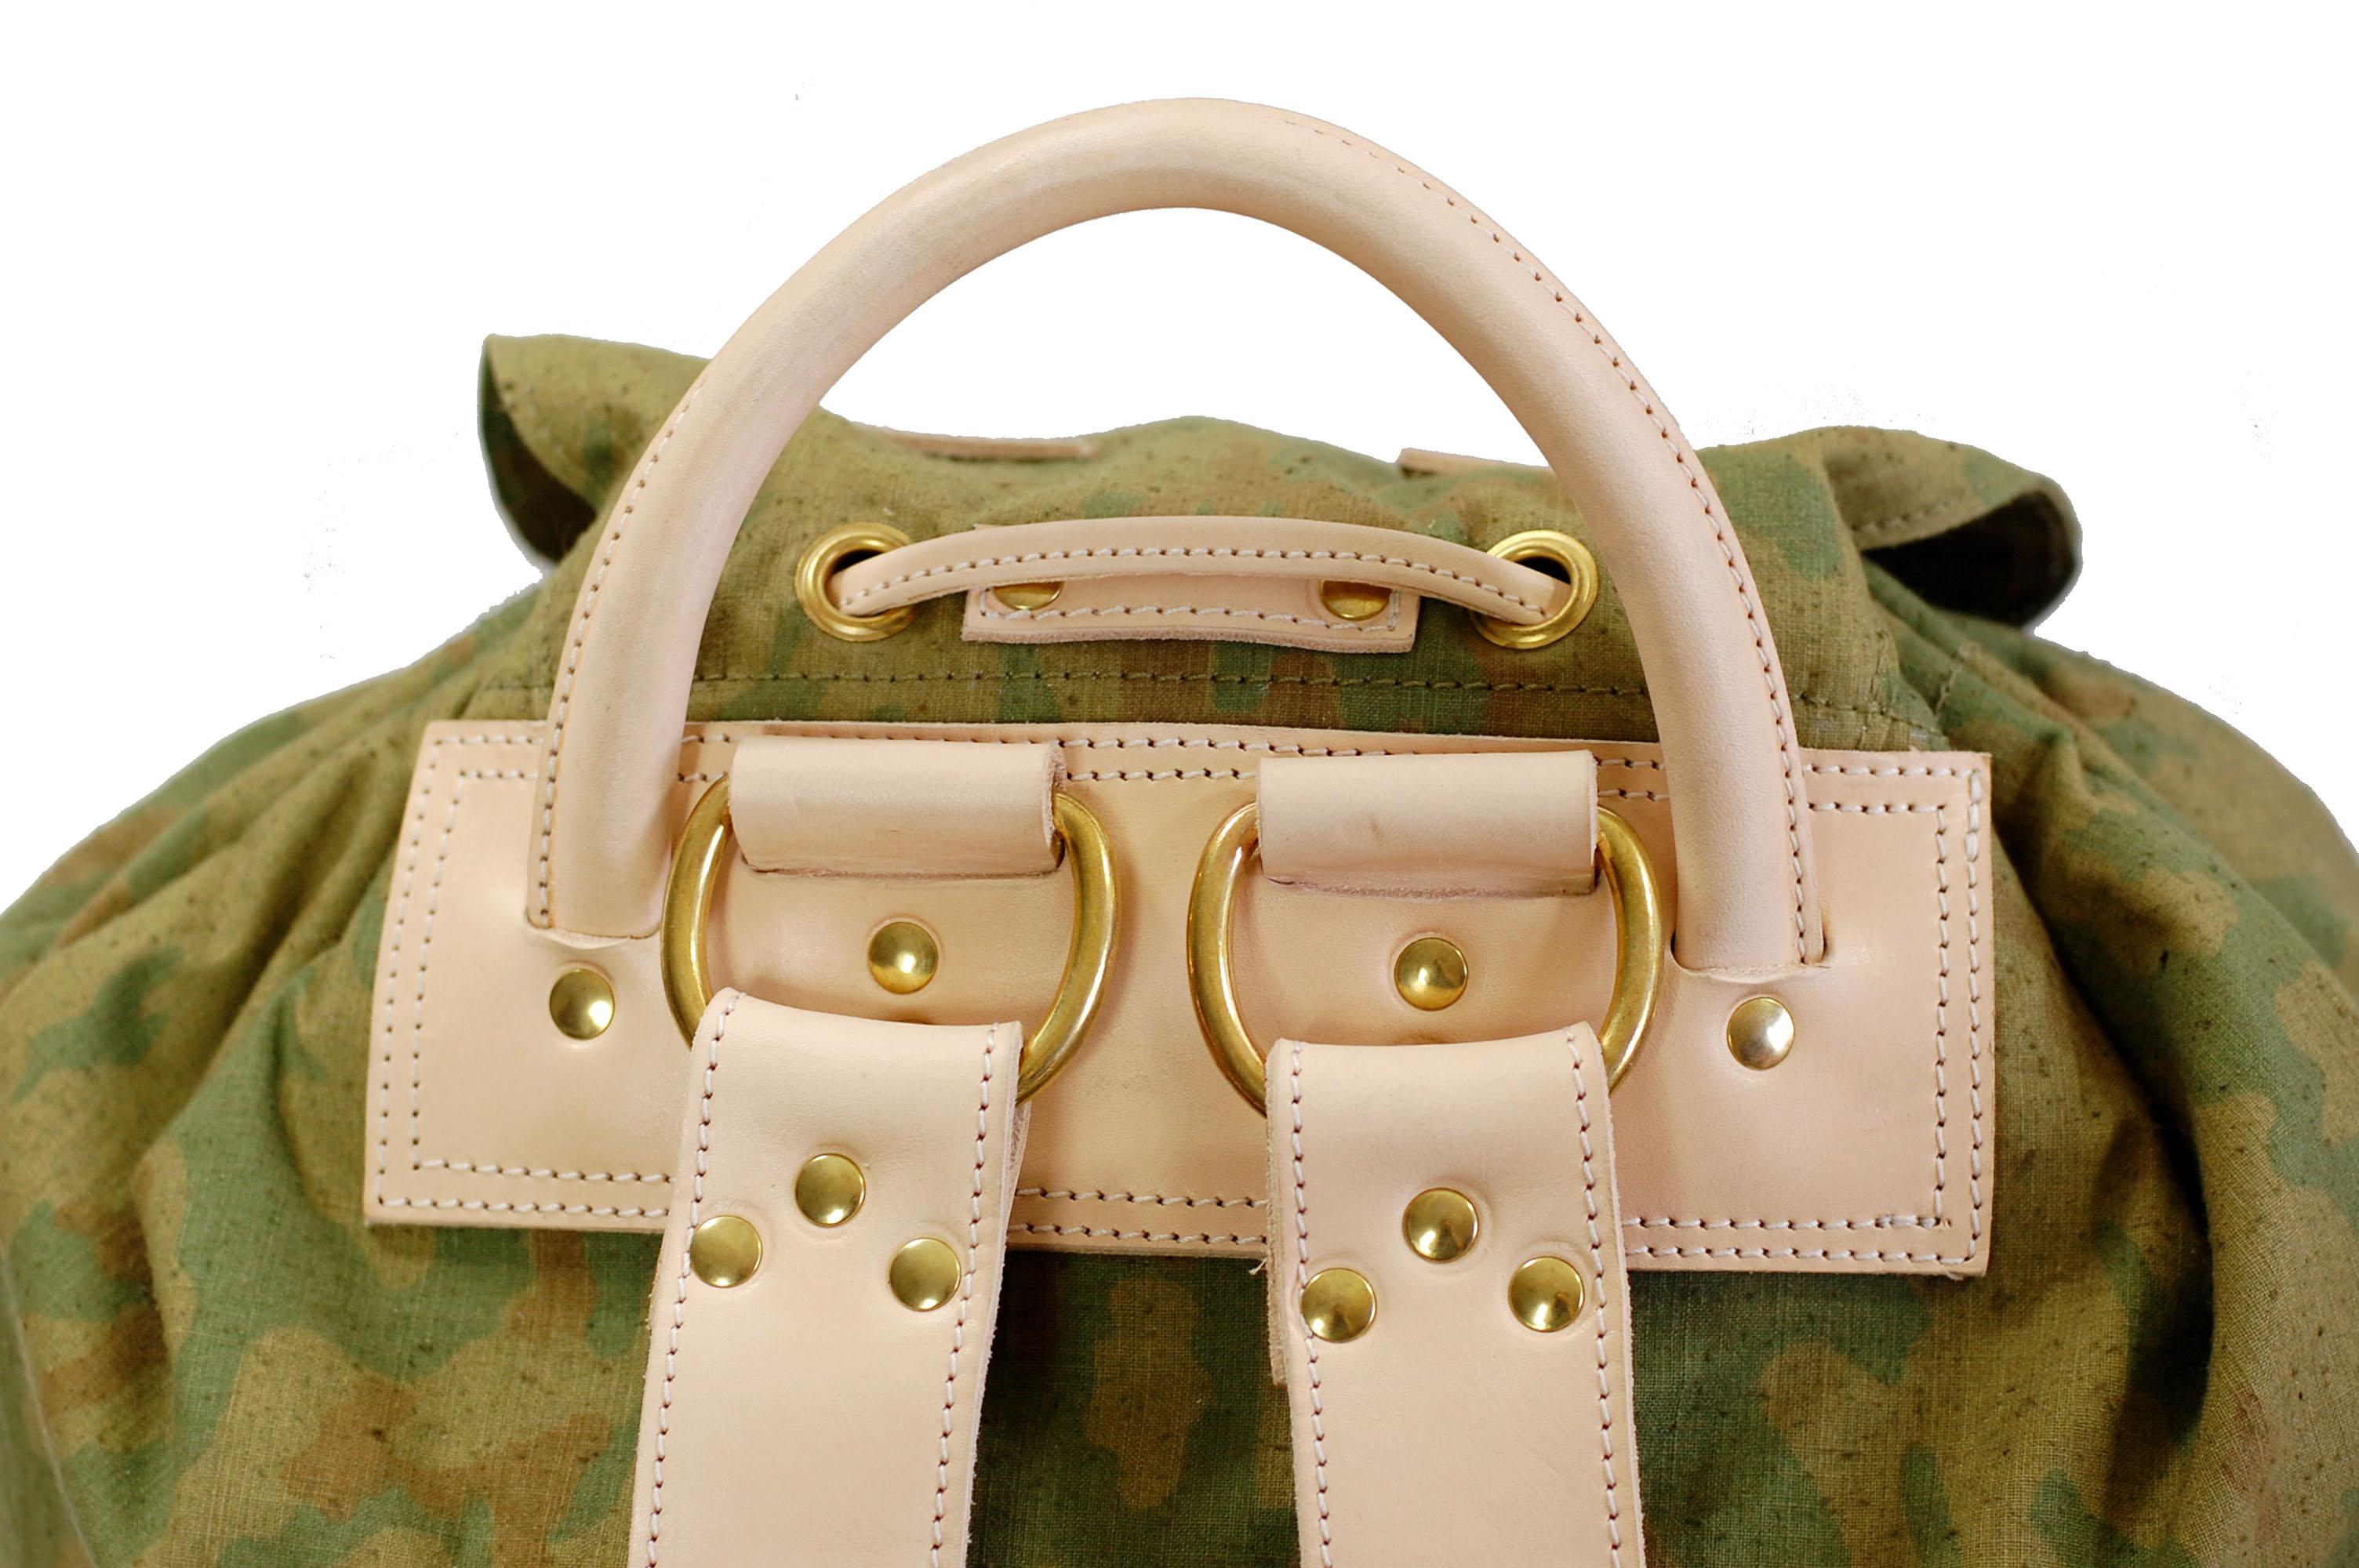 Mahiout HelrMahiout Helrik backpack Limited edition